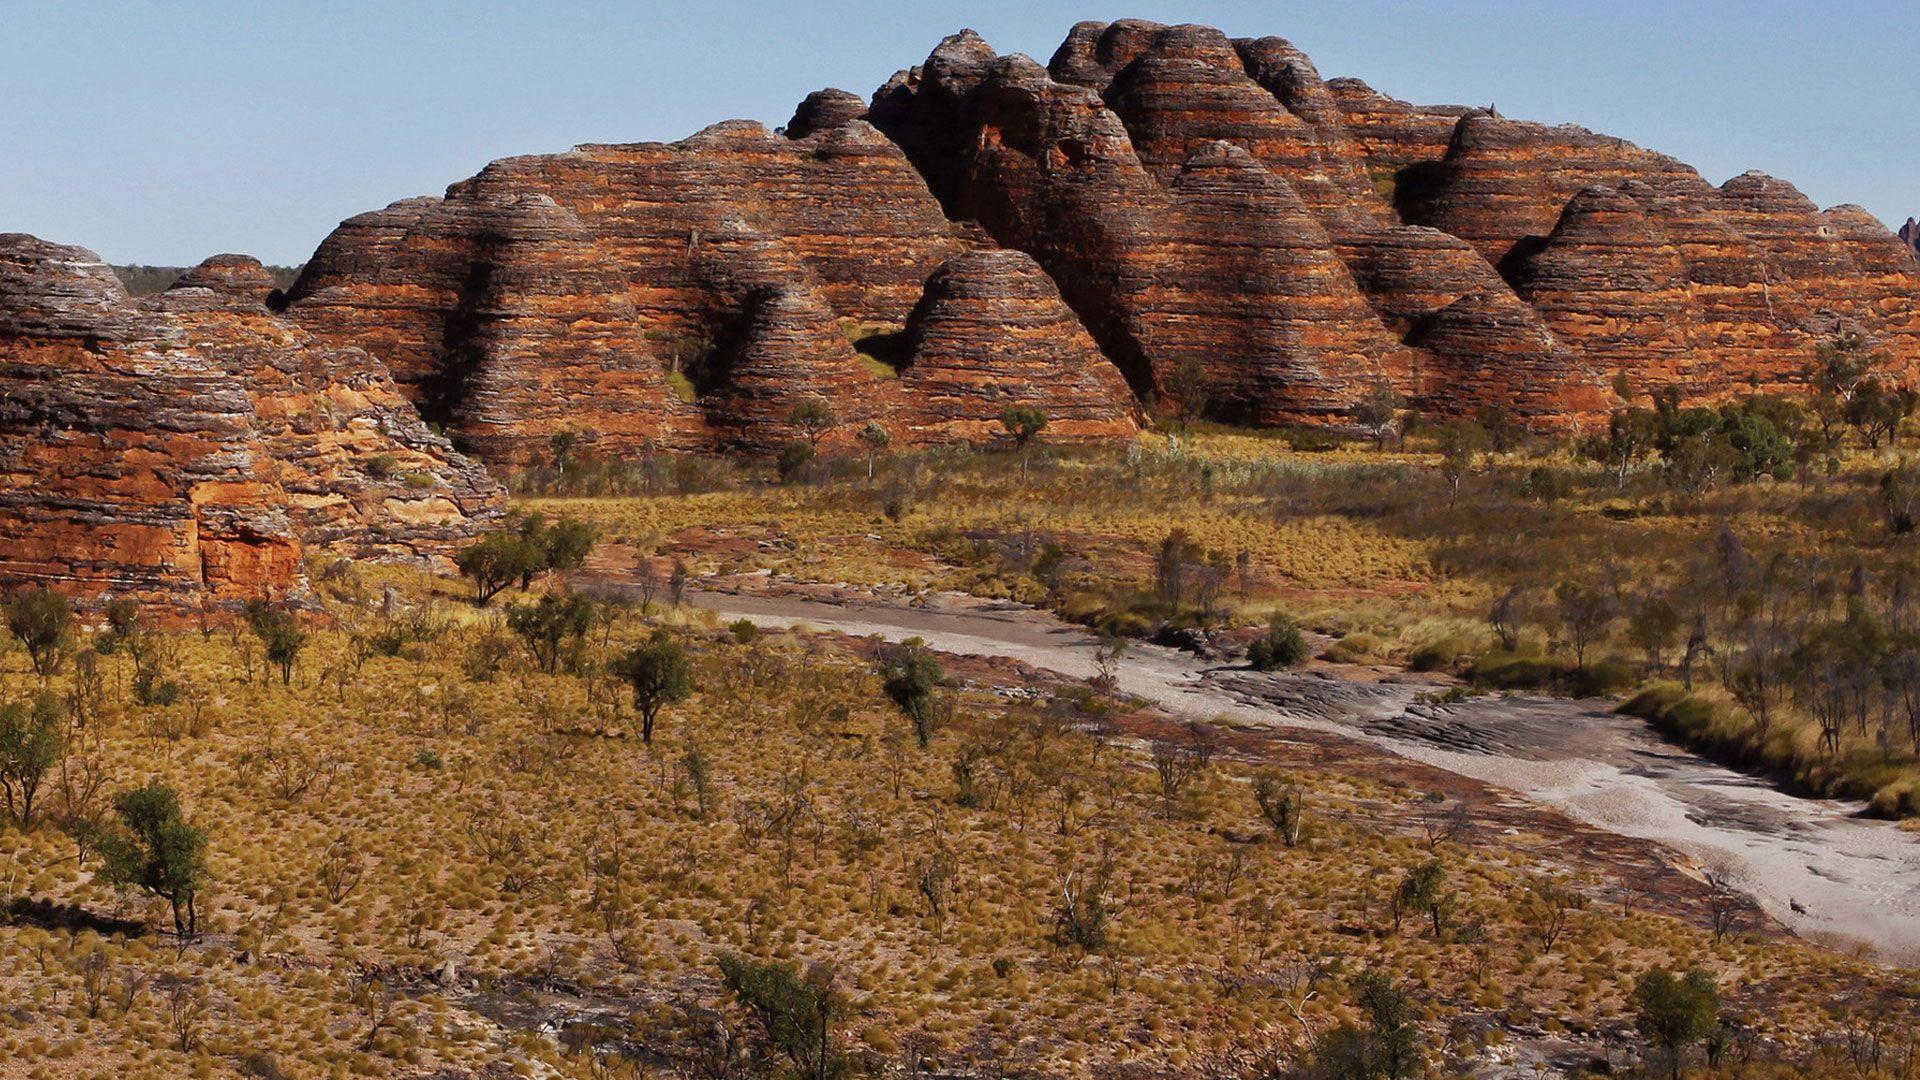 The Bungle Bungles in Purnululu National Park, Australia